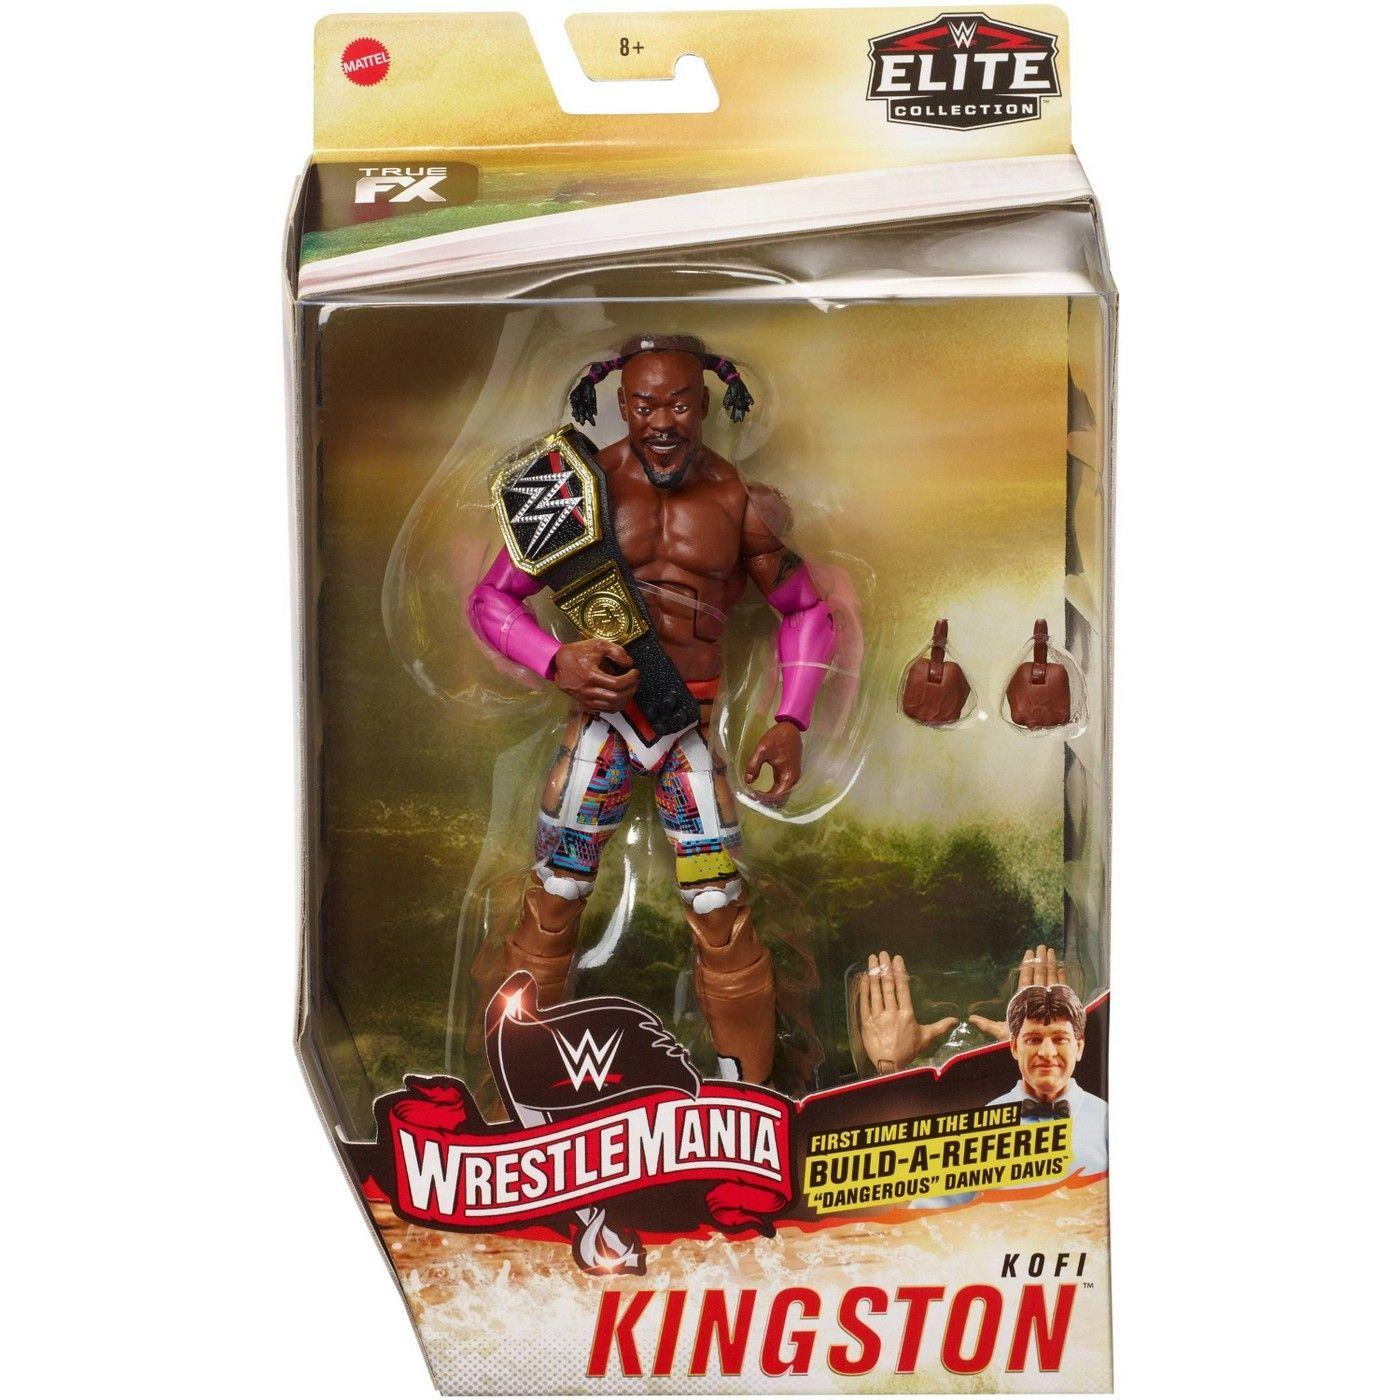 WWE Kofi Kingston WrestleMania Elite Collection Action